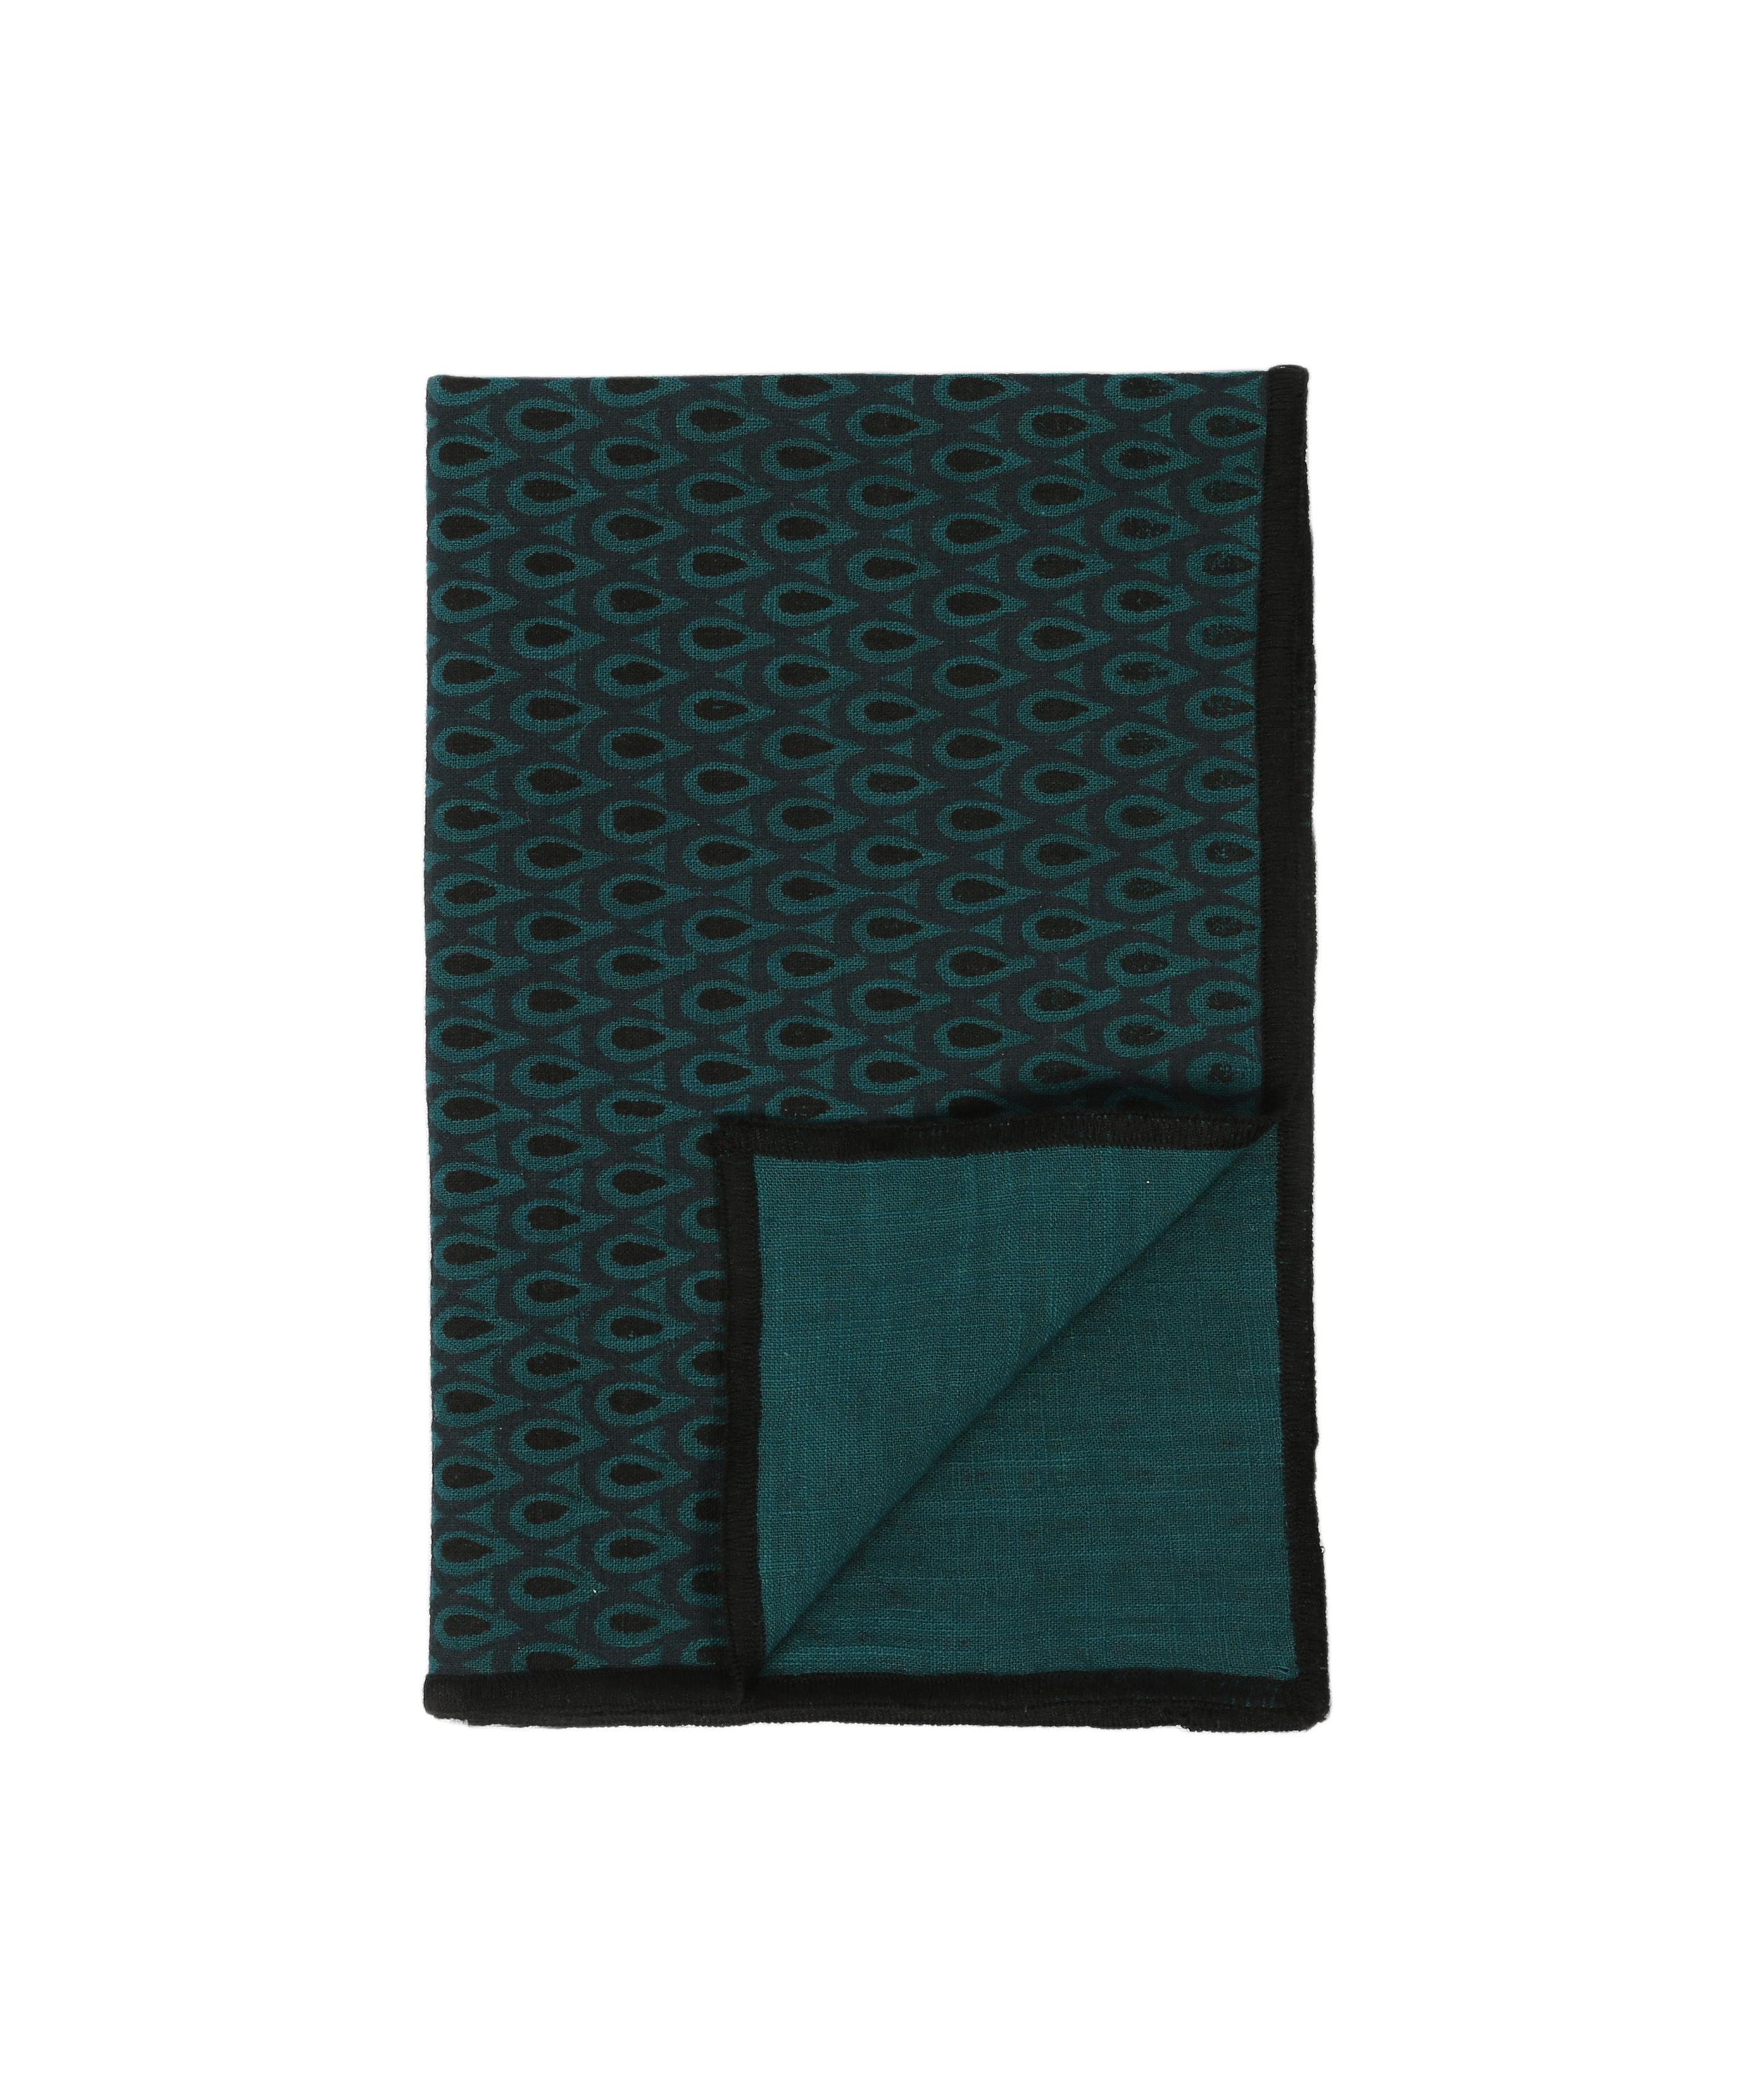 Arts de la table - Nappes, serviettes et sets - Serviette de table Zofia / 45 x 45 cm - Maison Sarah Lavoine - Bleu Sarah - Coton